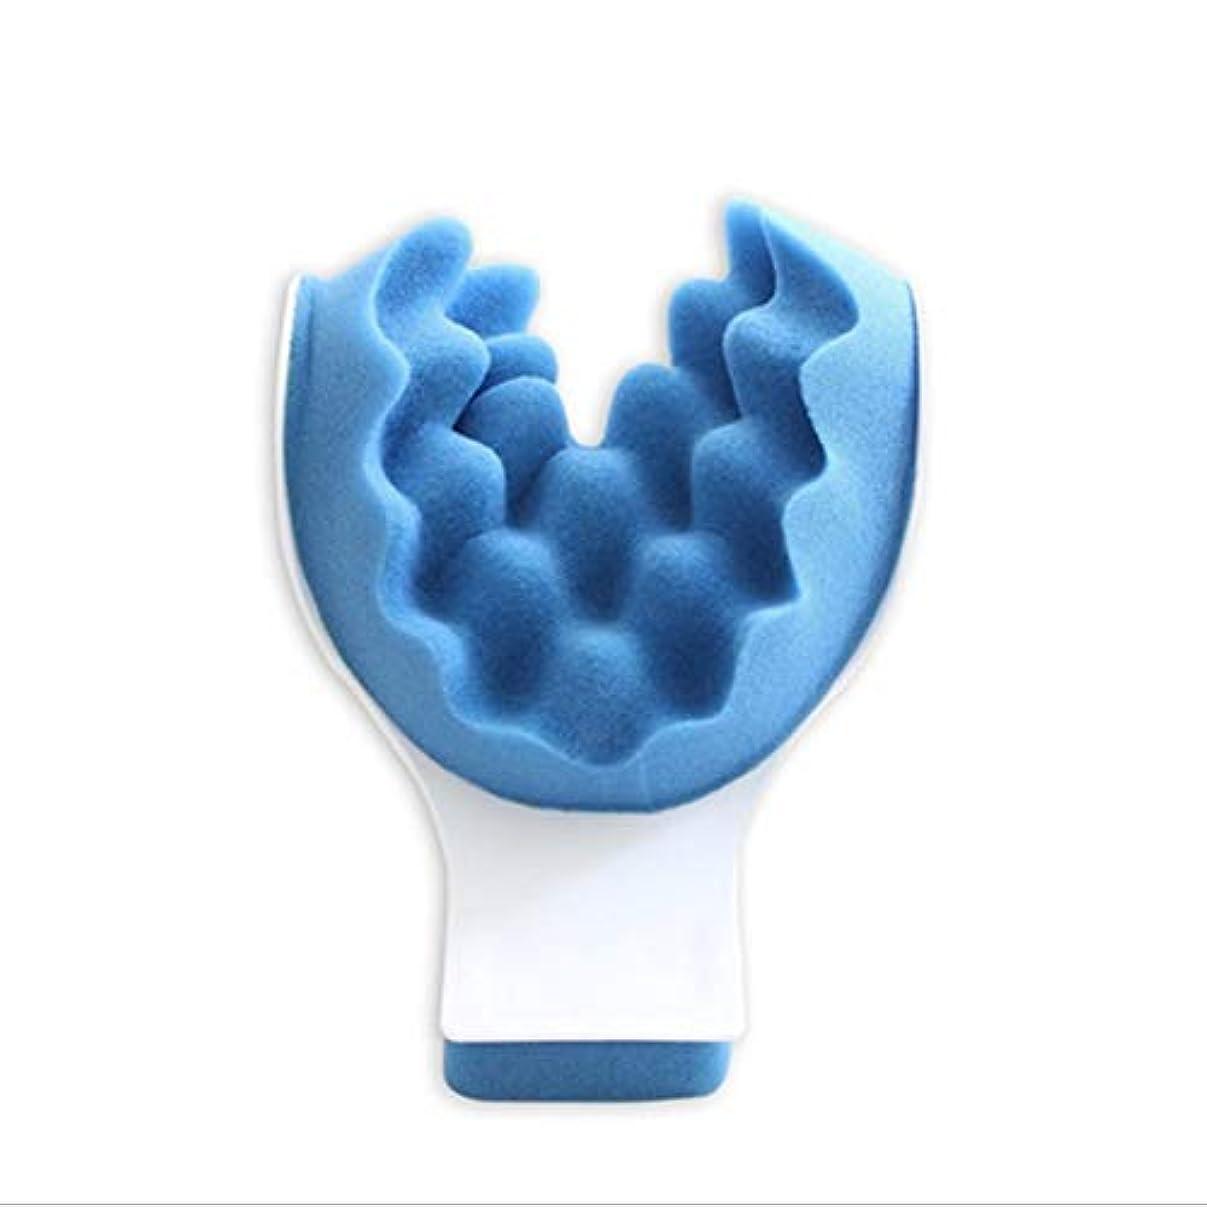 競争力のある厄介な苦行マッスルテンションリリーフタイトネスと痛みの緩和セラピーティックネックサポートテンションリリーフネック&ショルダーリラクサー - ブルー